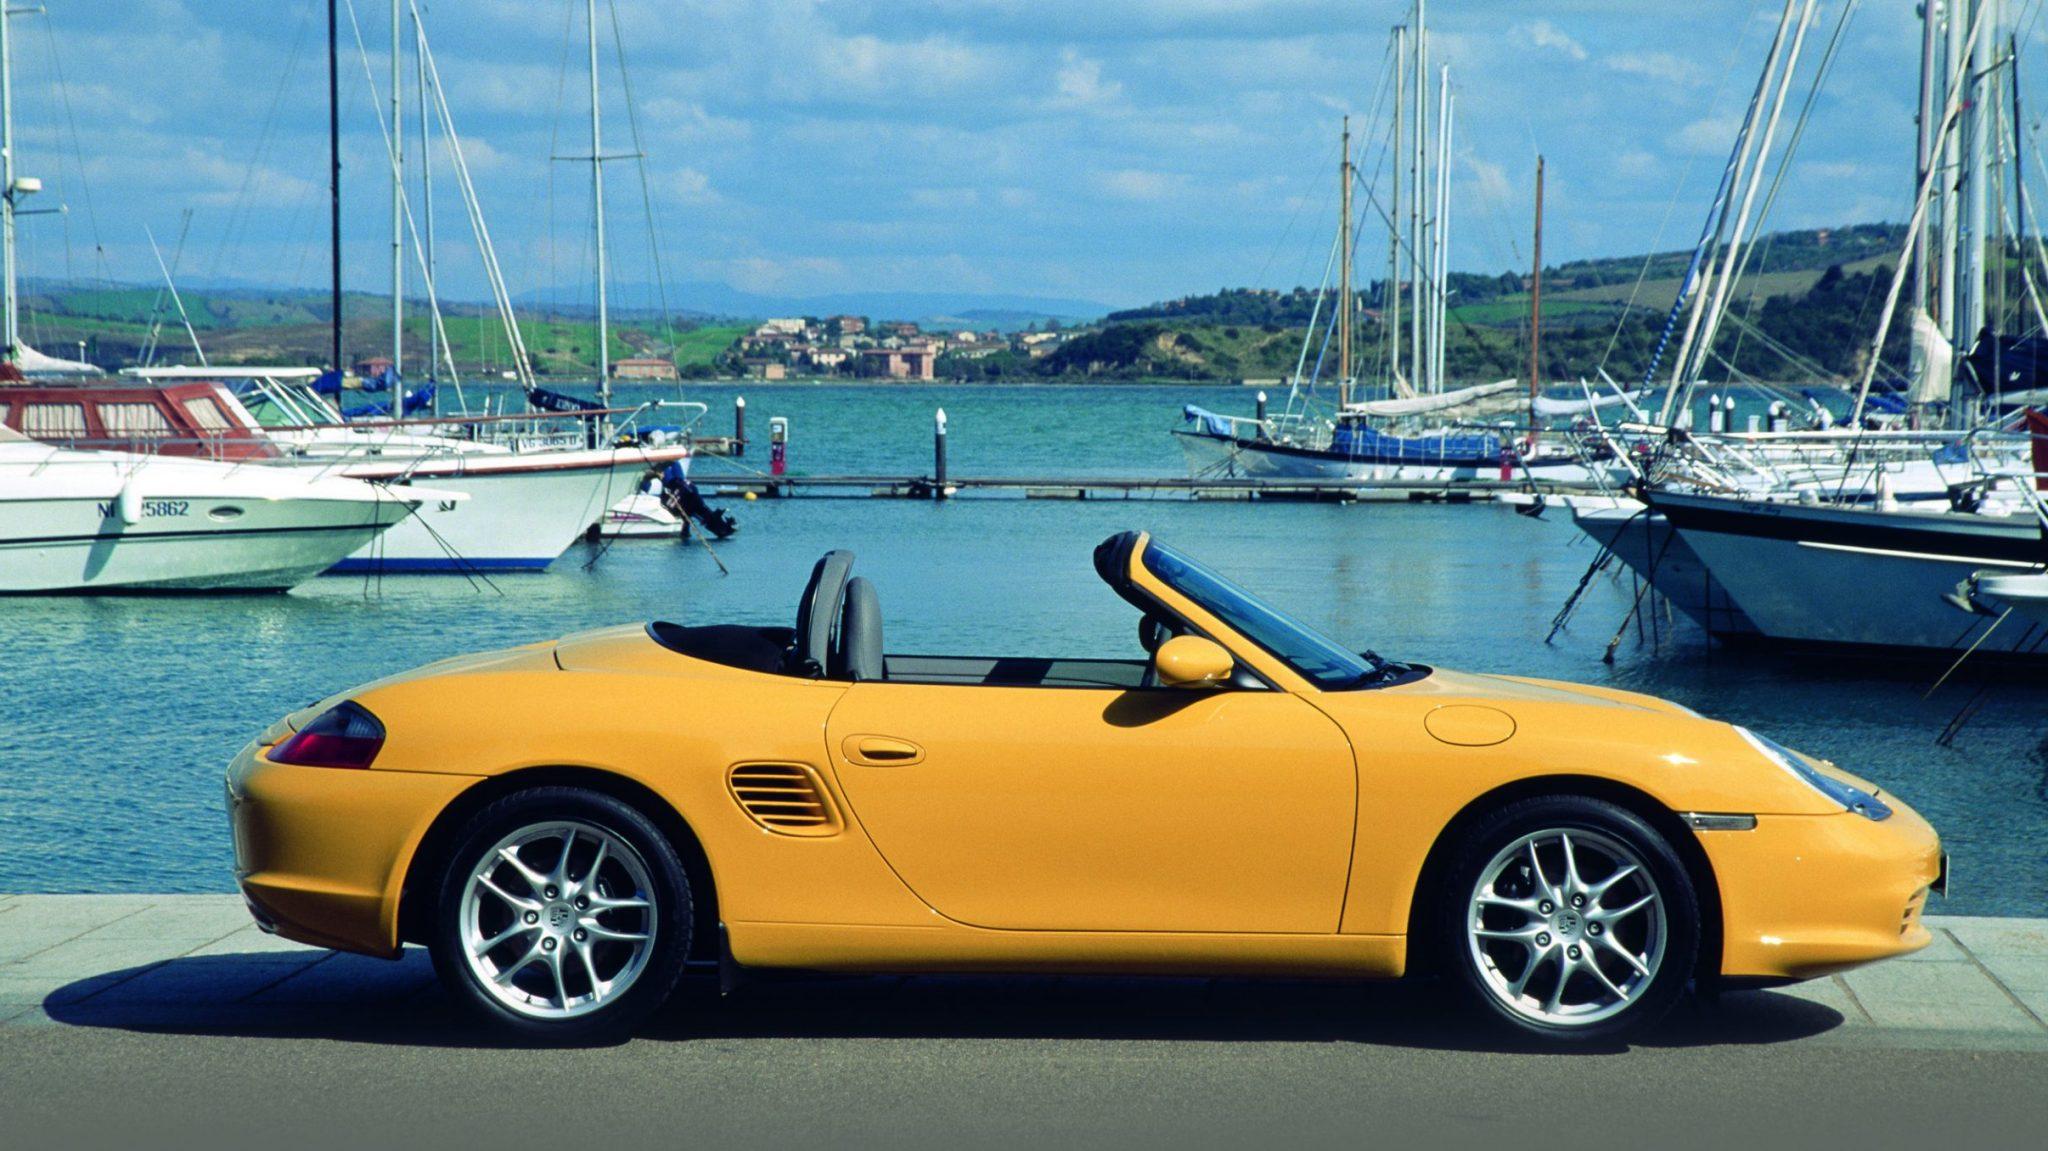 Porsche Boxster (Yellow)